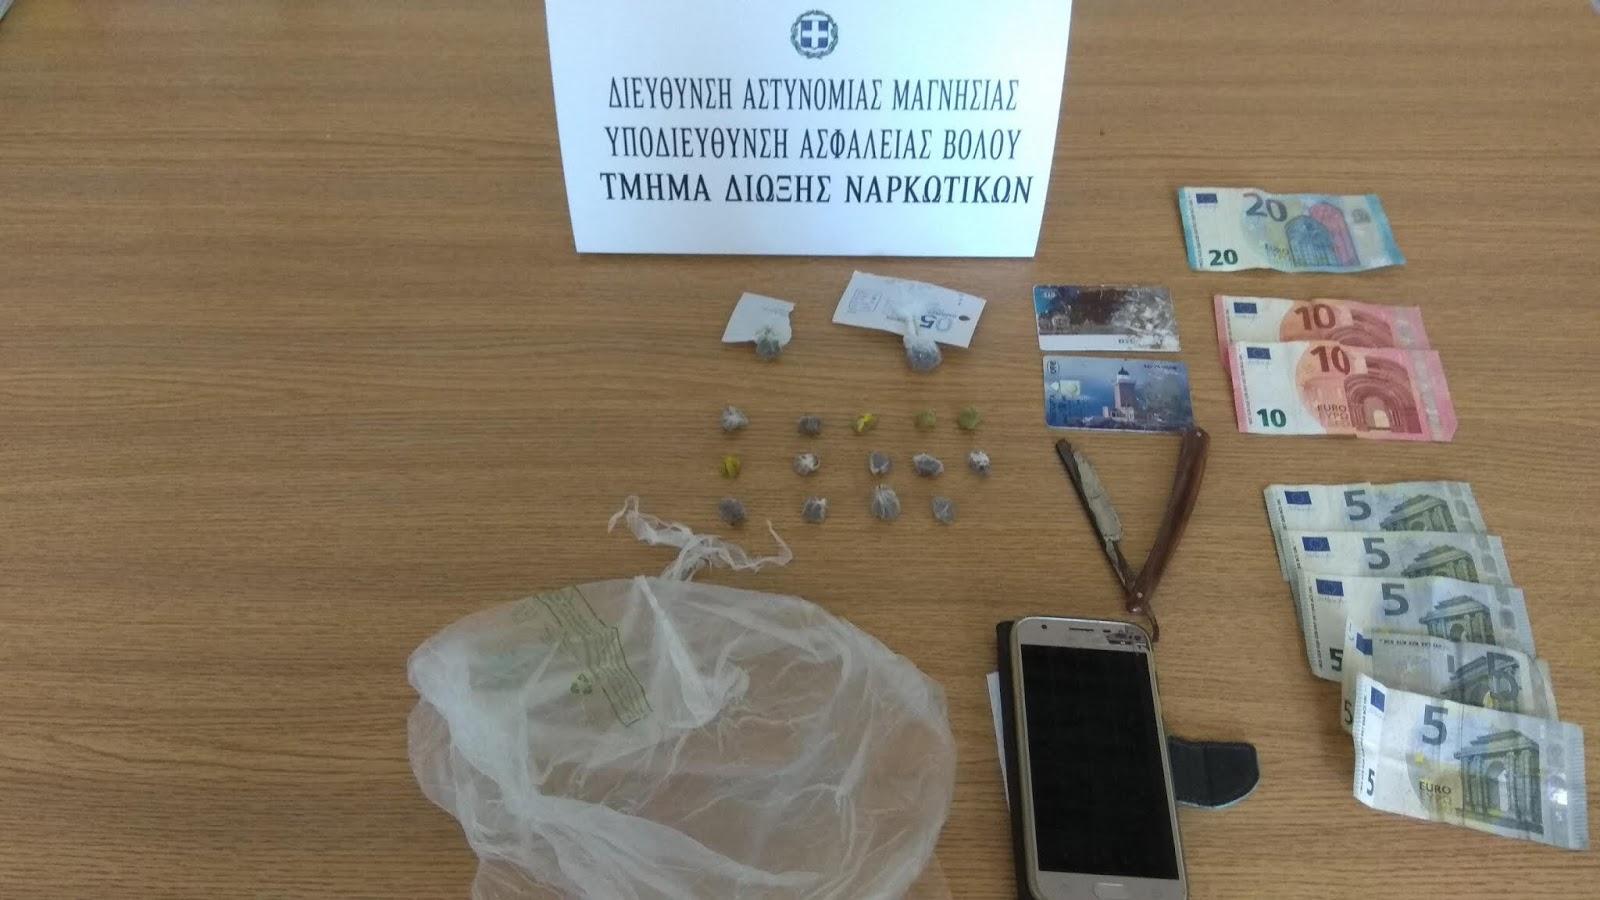 Συνελήφθησαν δύο άτομα στο Βόλο για ναρκωτικά